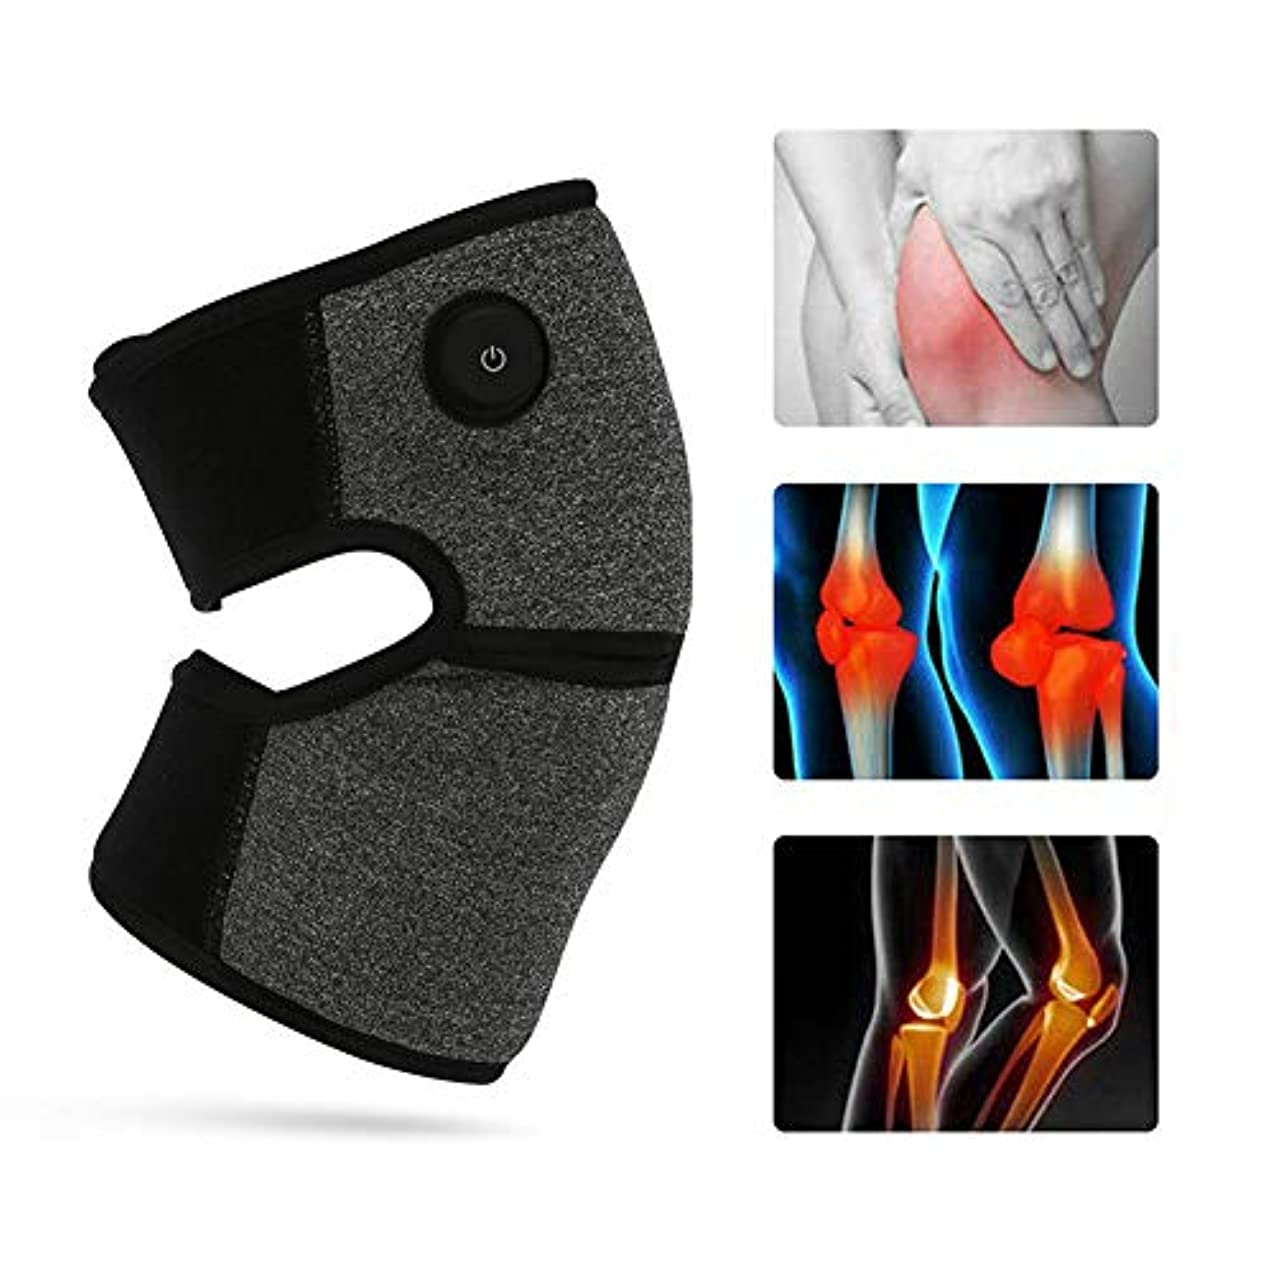 電気加熱膝パッド加熱膝ブレースラップサポート療法ホット圧縮3ファイル温度で関節炎膝の痛み,1pc